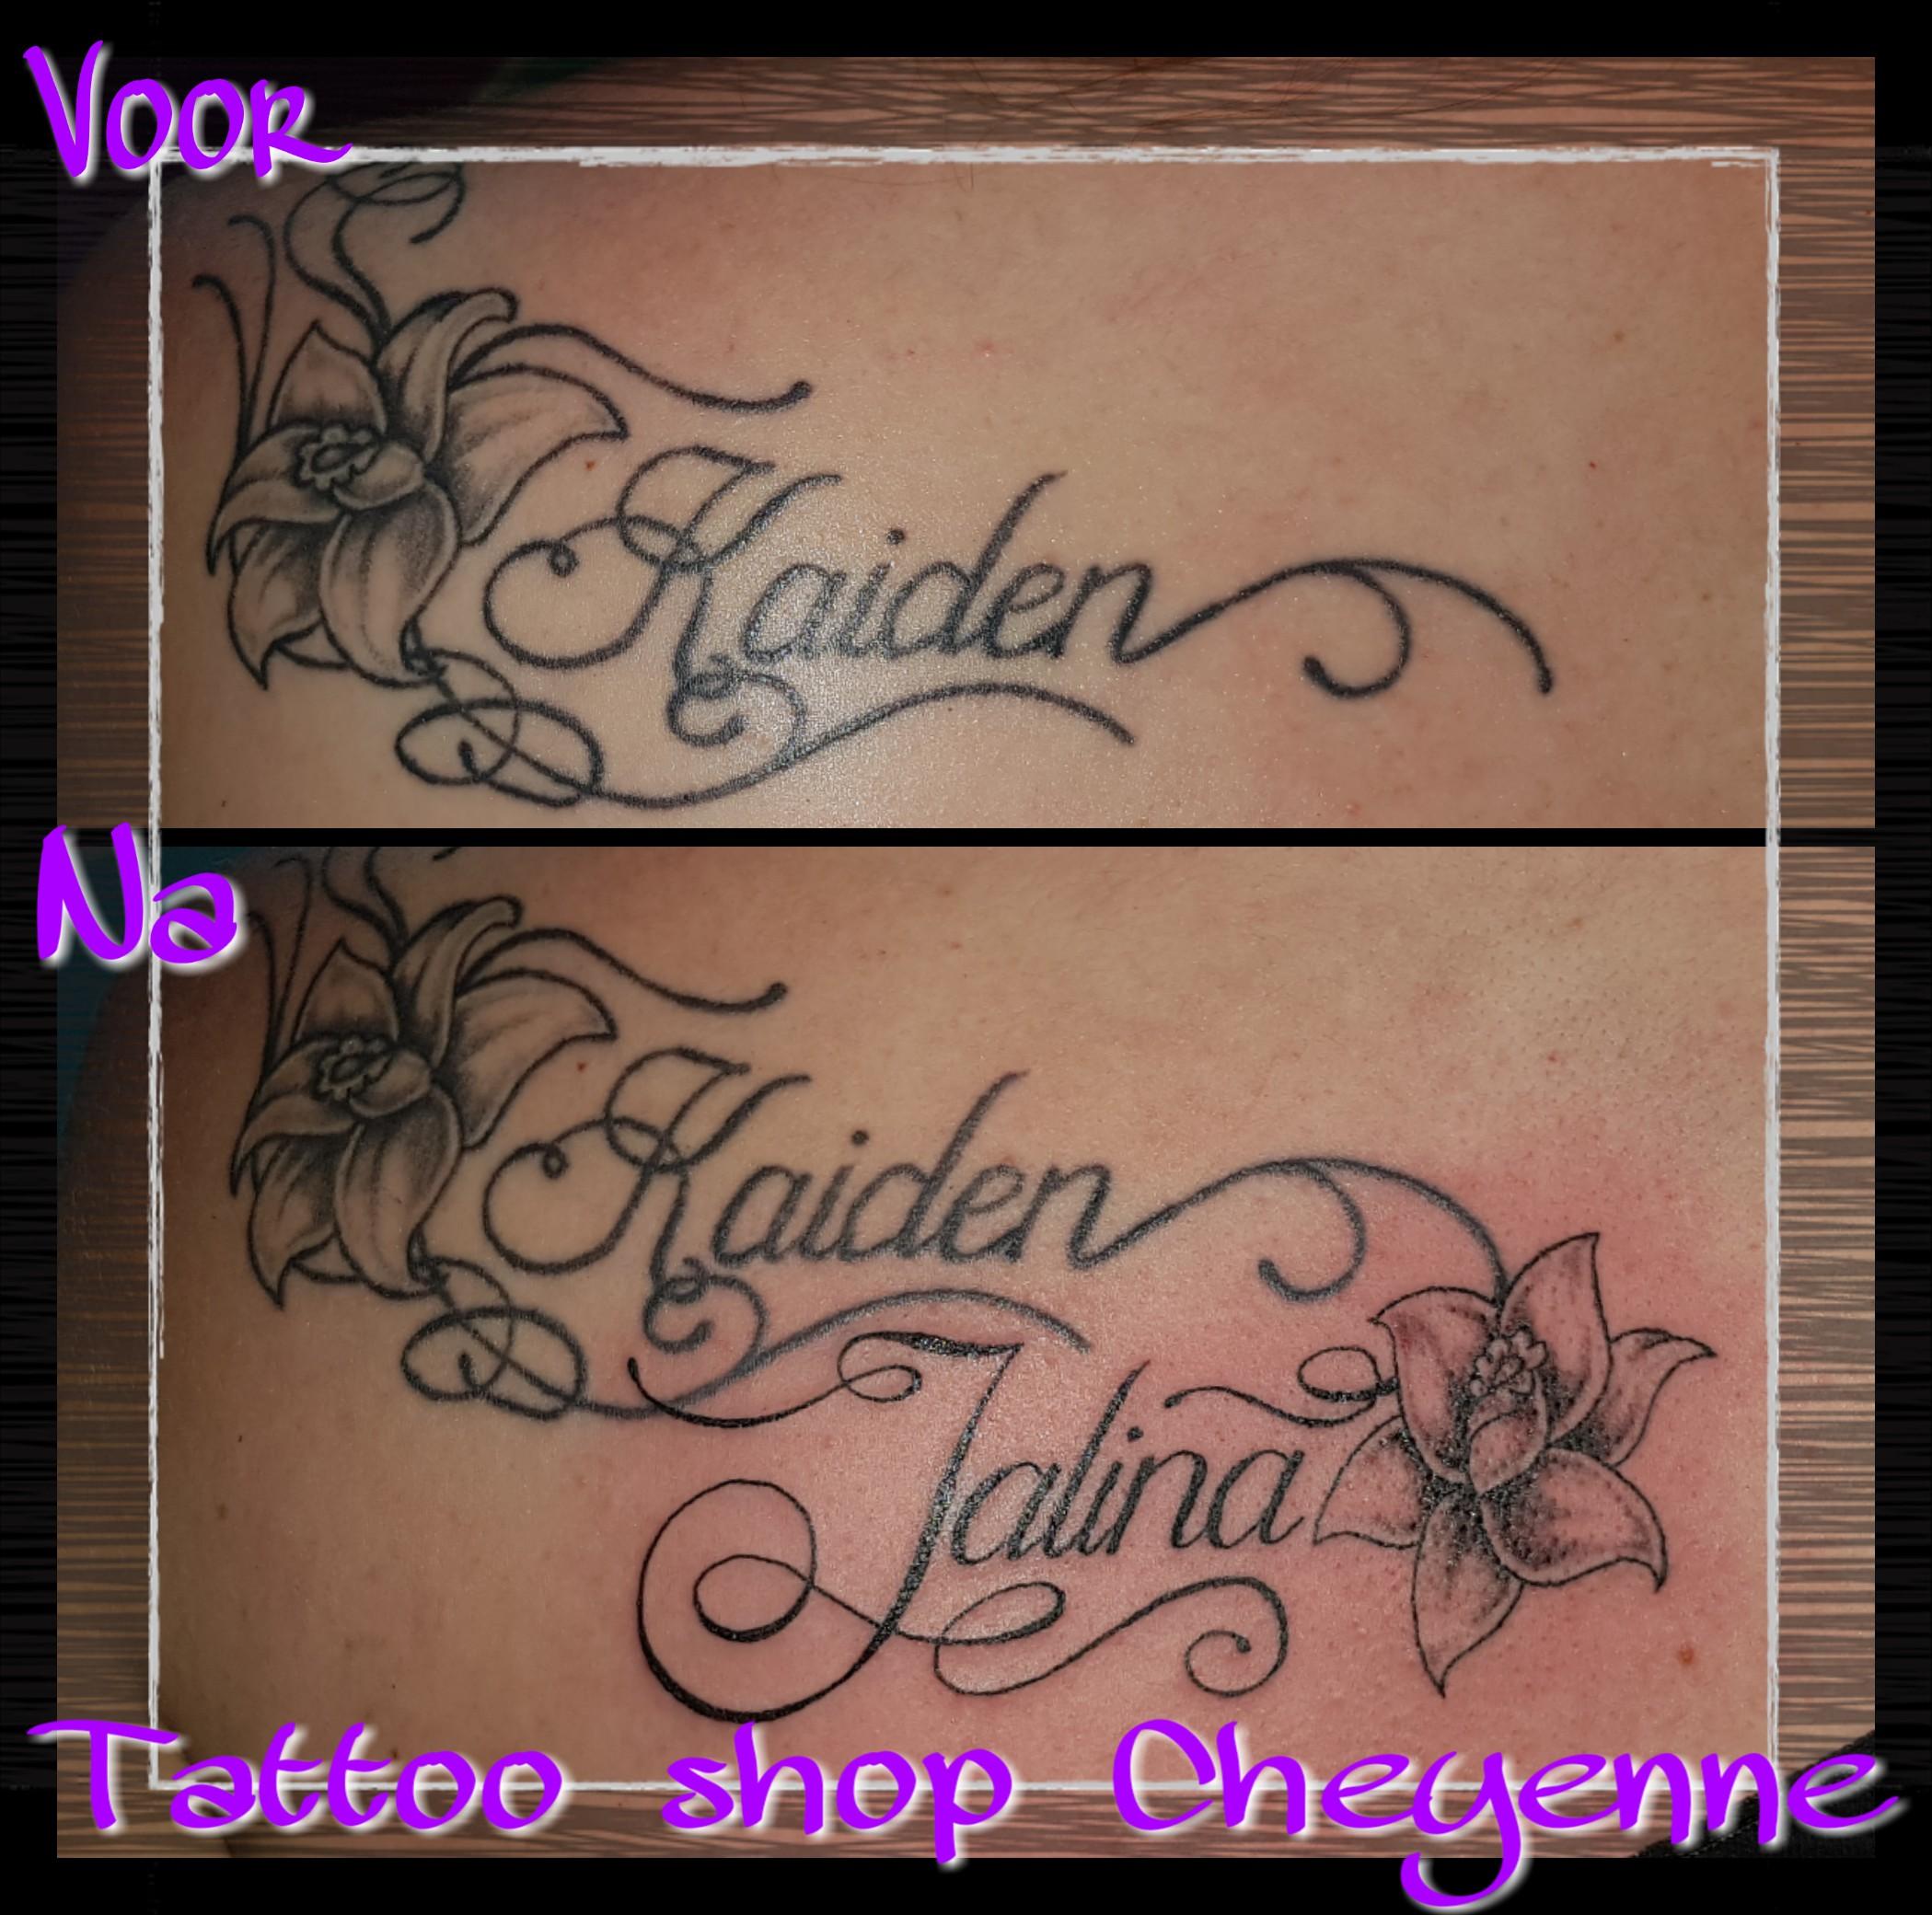 Letters Tatoeage Piercing Ontwerp Tattoo Shop Cheyenne